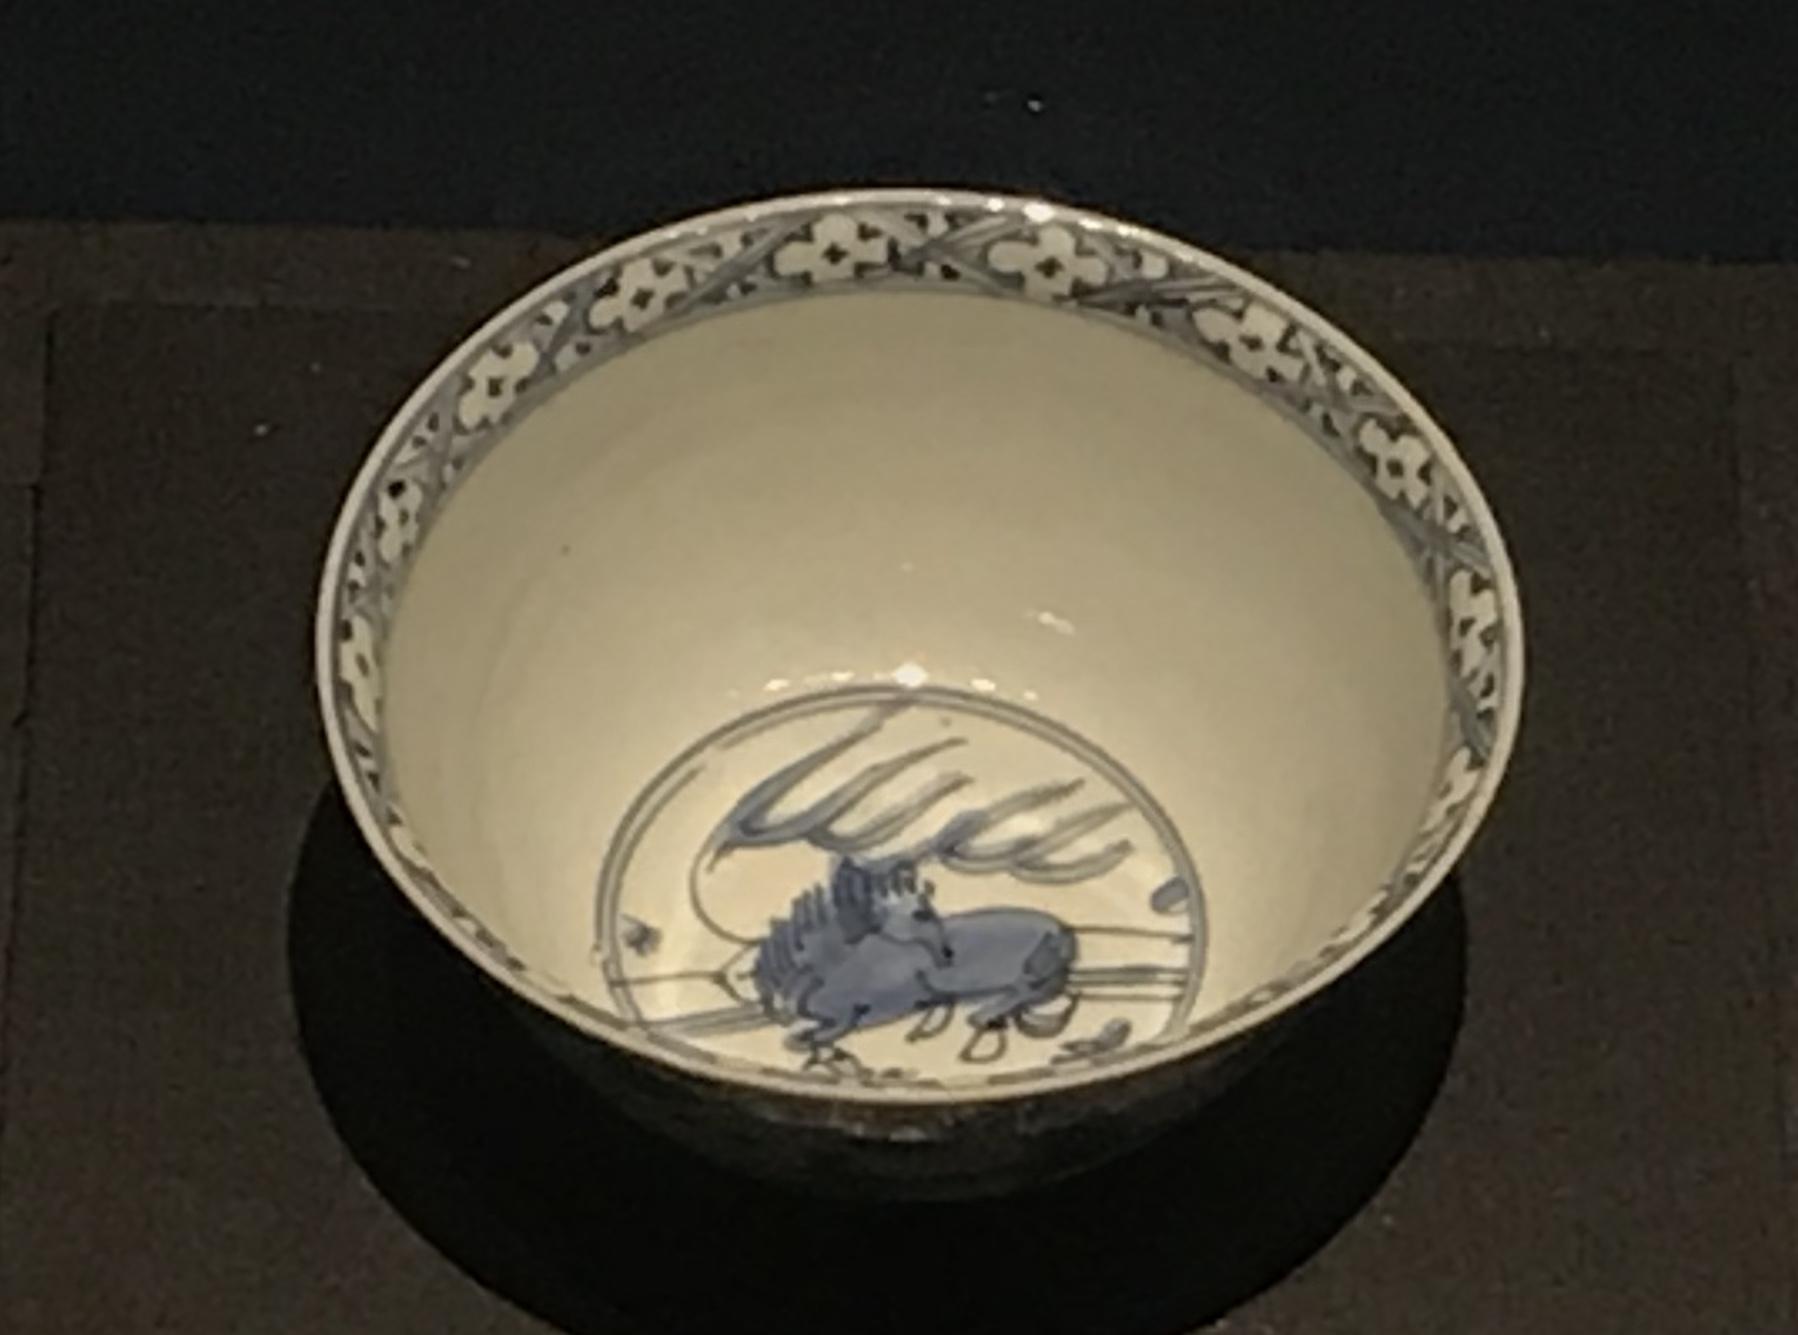 青花鹿紋磁碗-明清時代-常設展F3-成都博物館